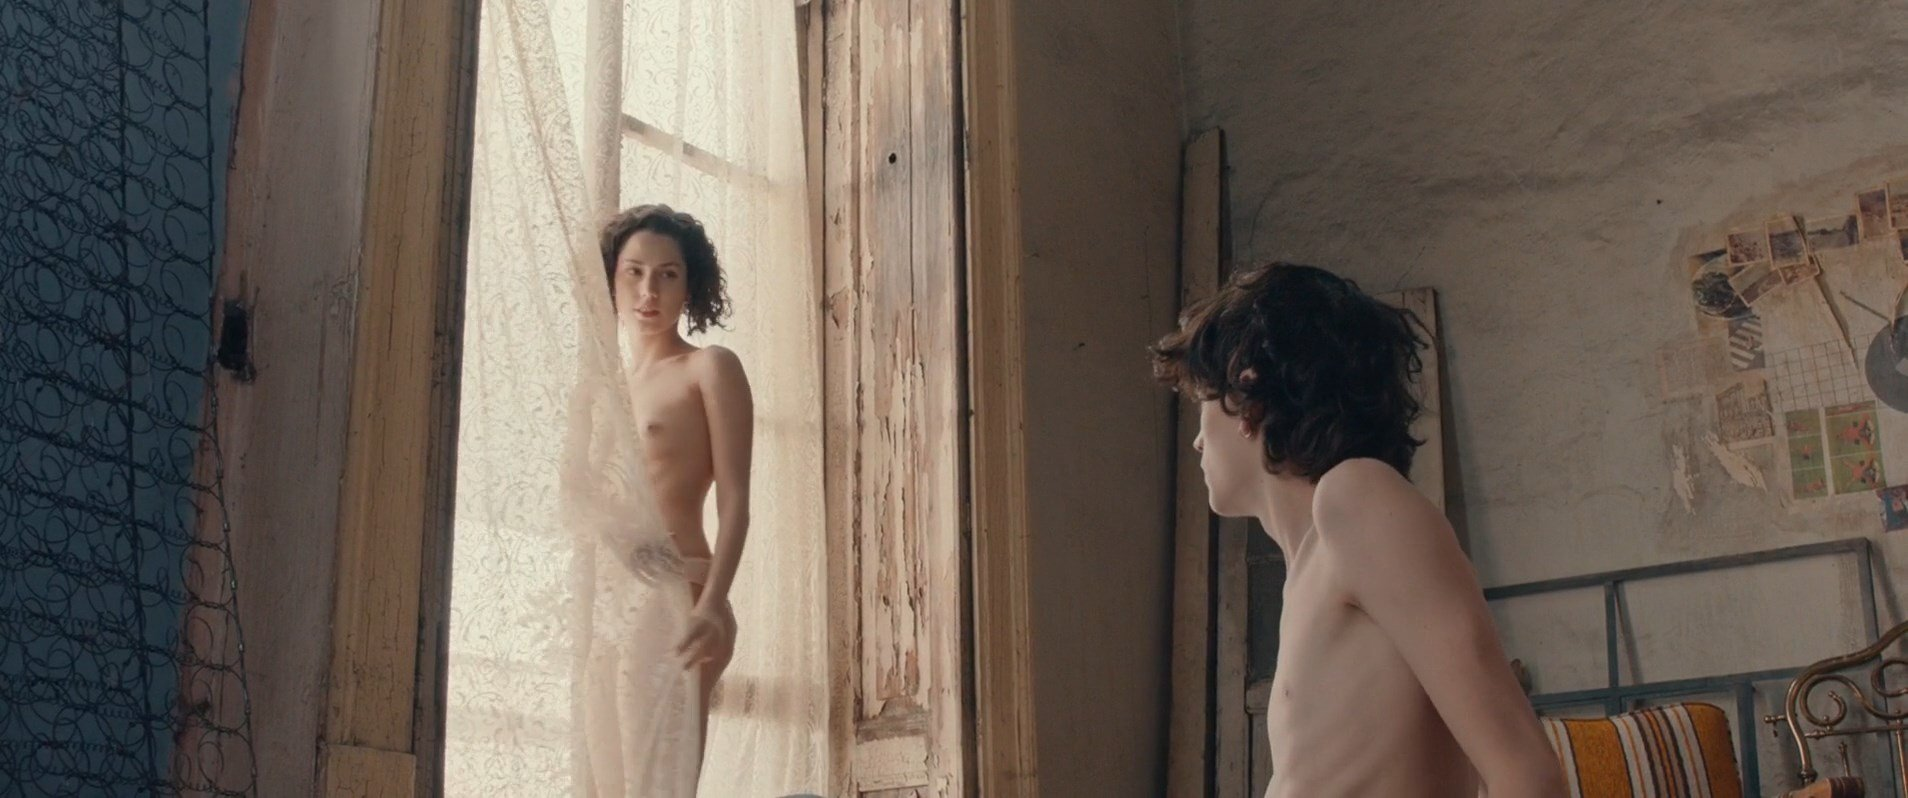 Ximena Romo nude, Erendira Ibarra nude - La vida inmoral de la pareja ideal (2016)